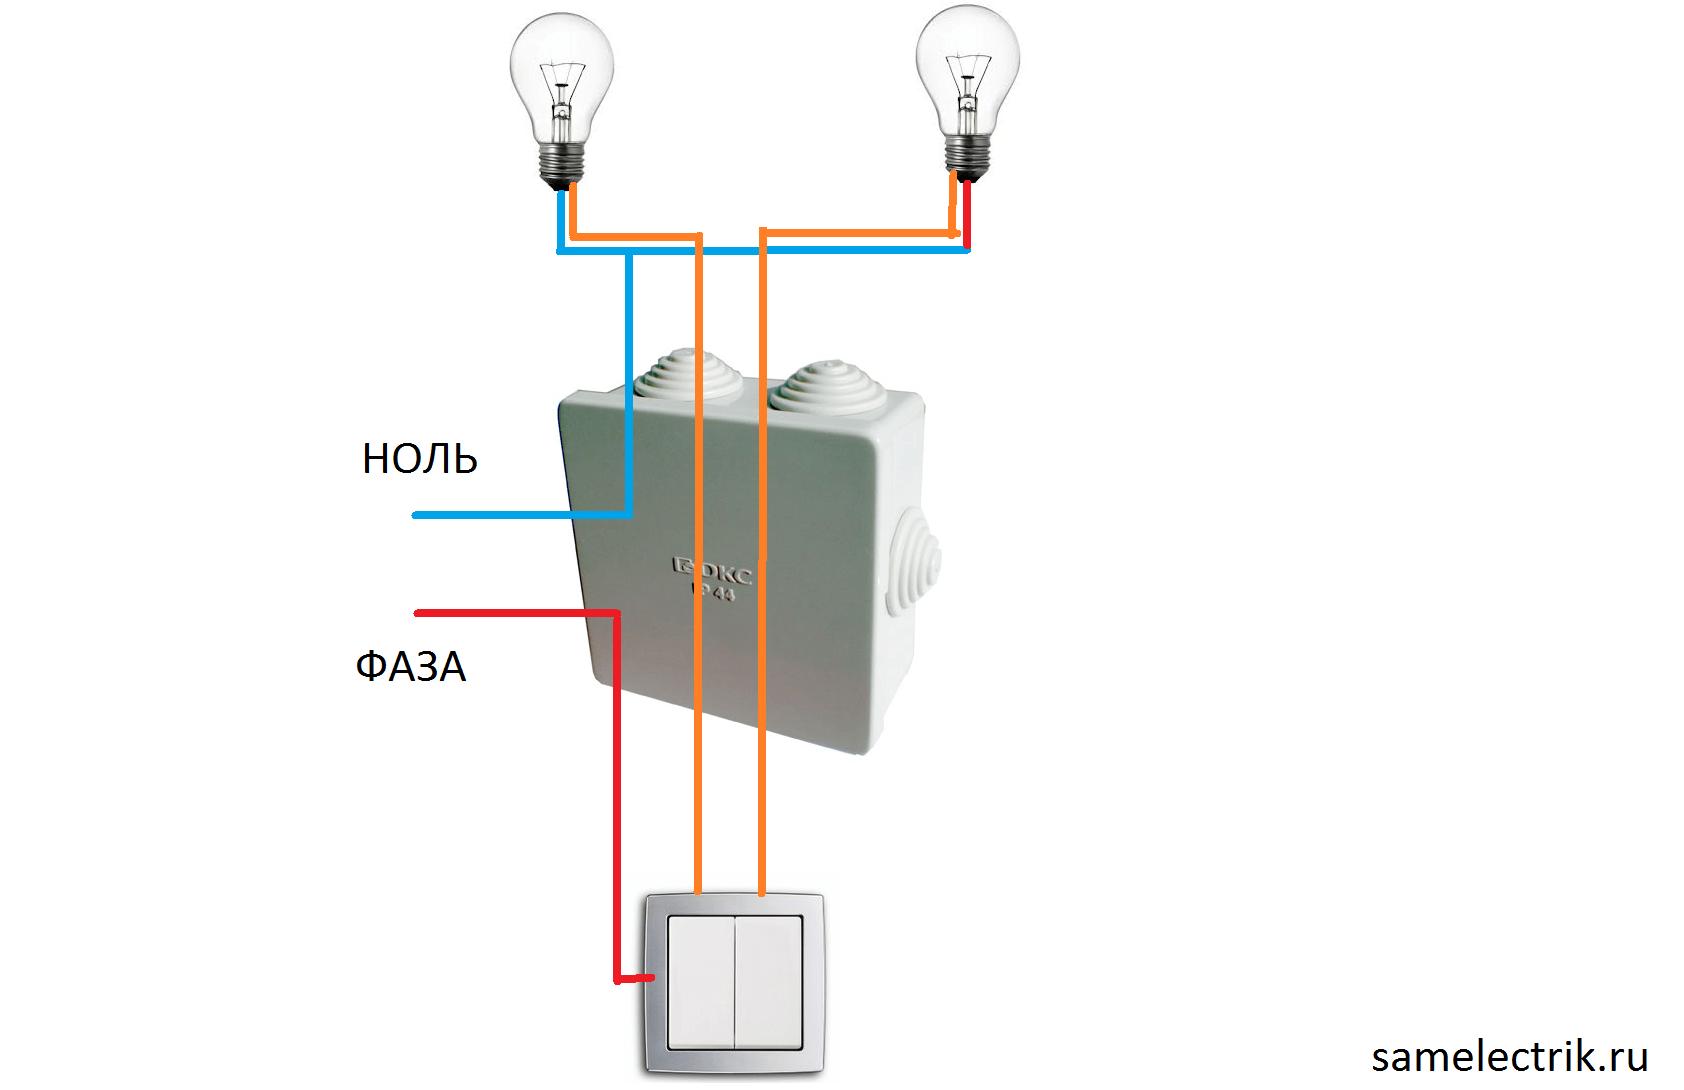 Схема с двумя выключателями и одной лампой